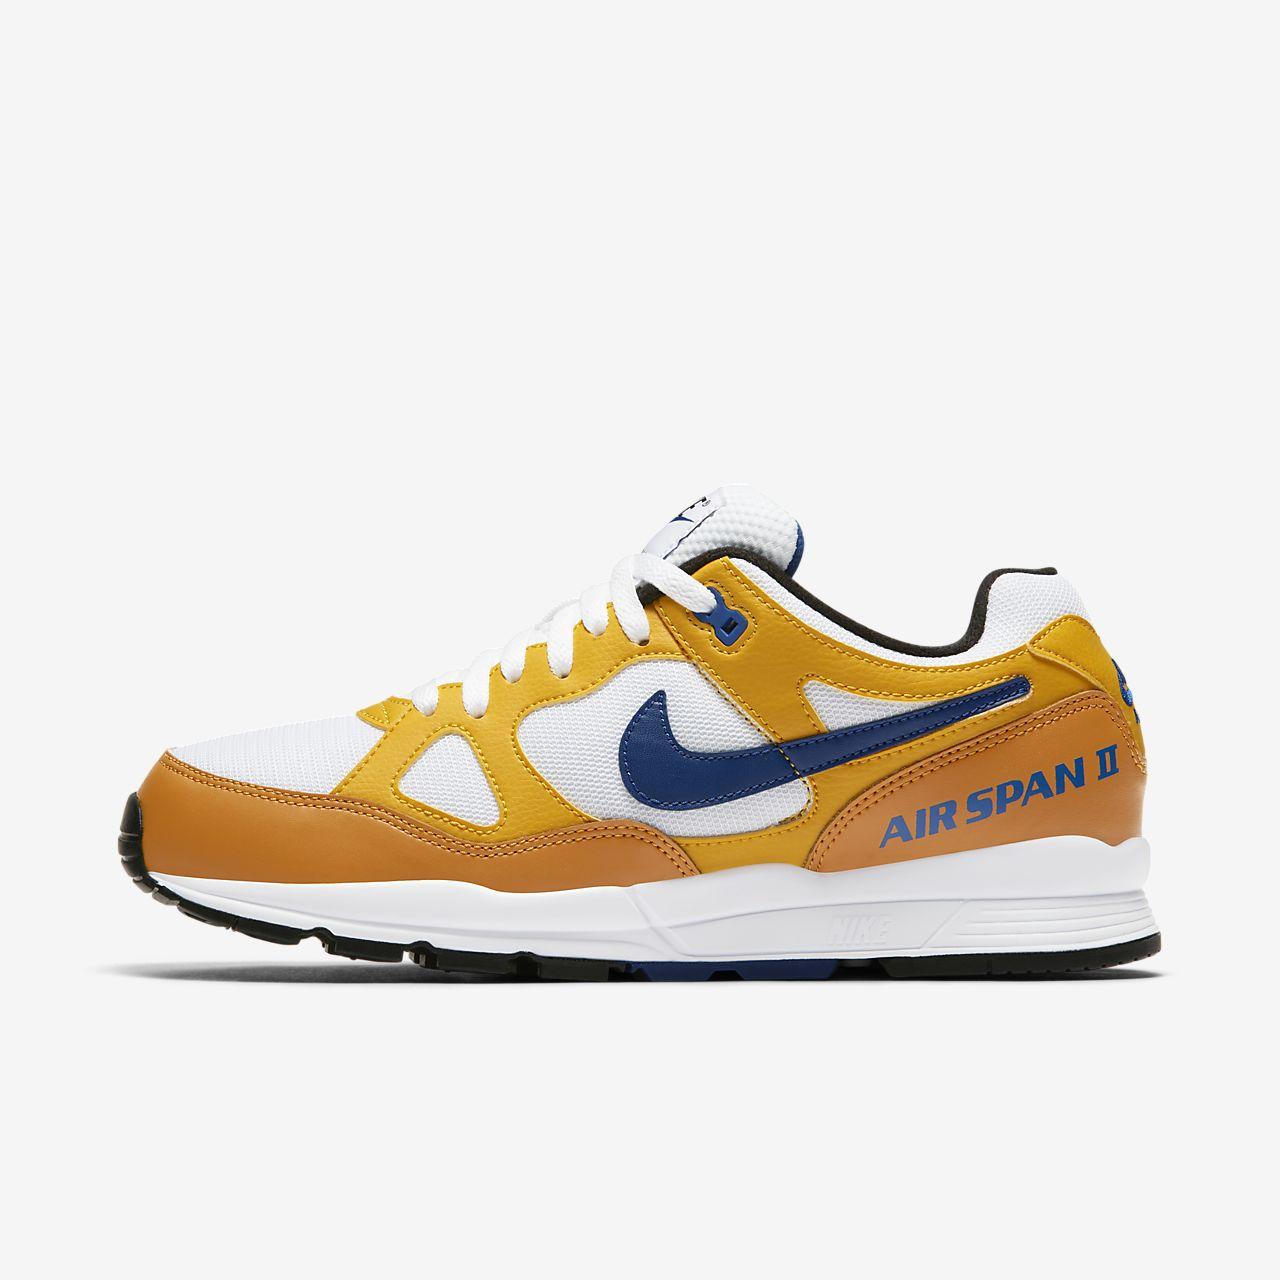 Buty męskie Nike Air Span II